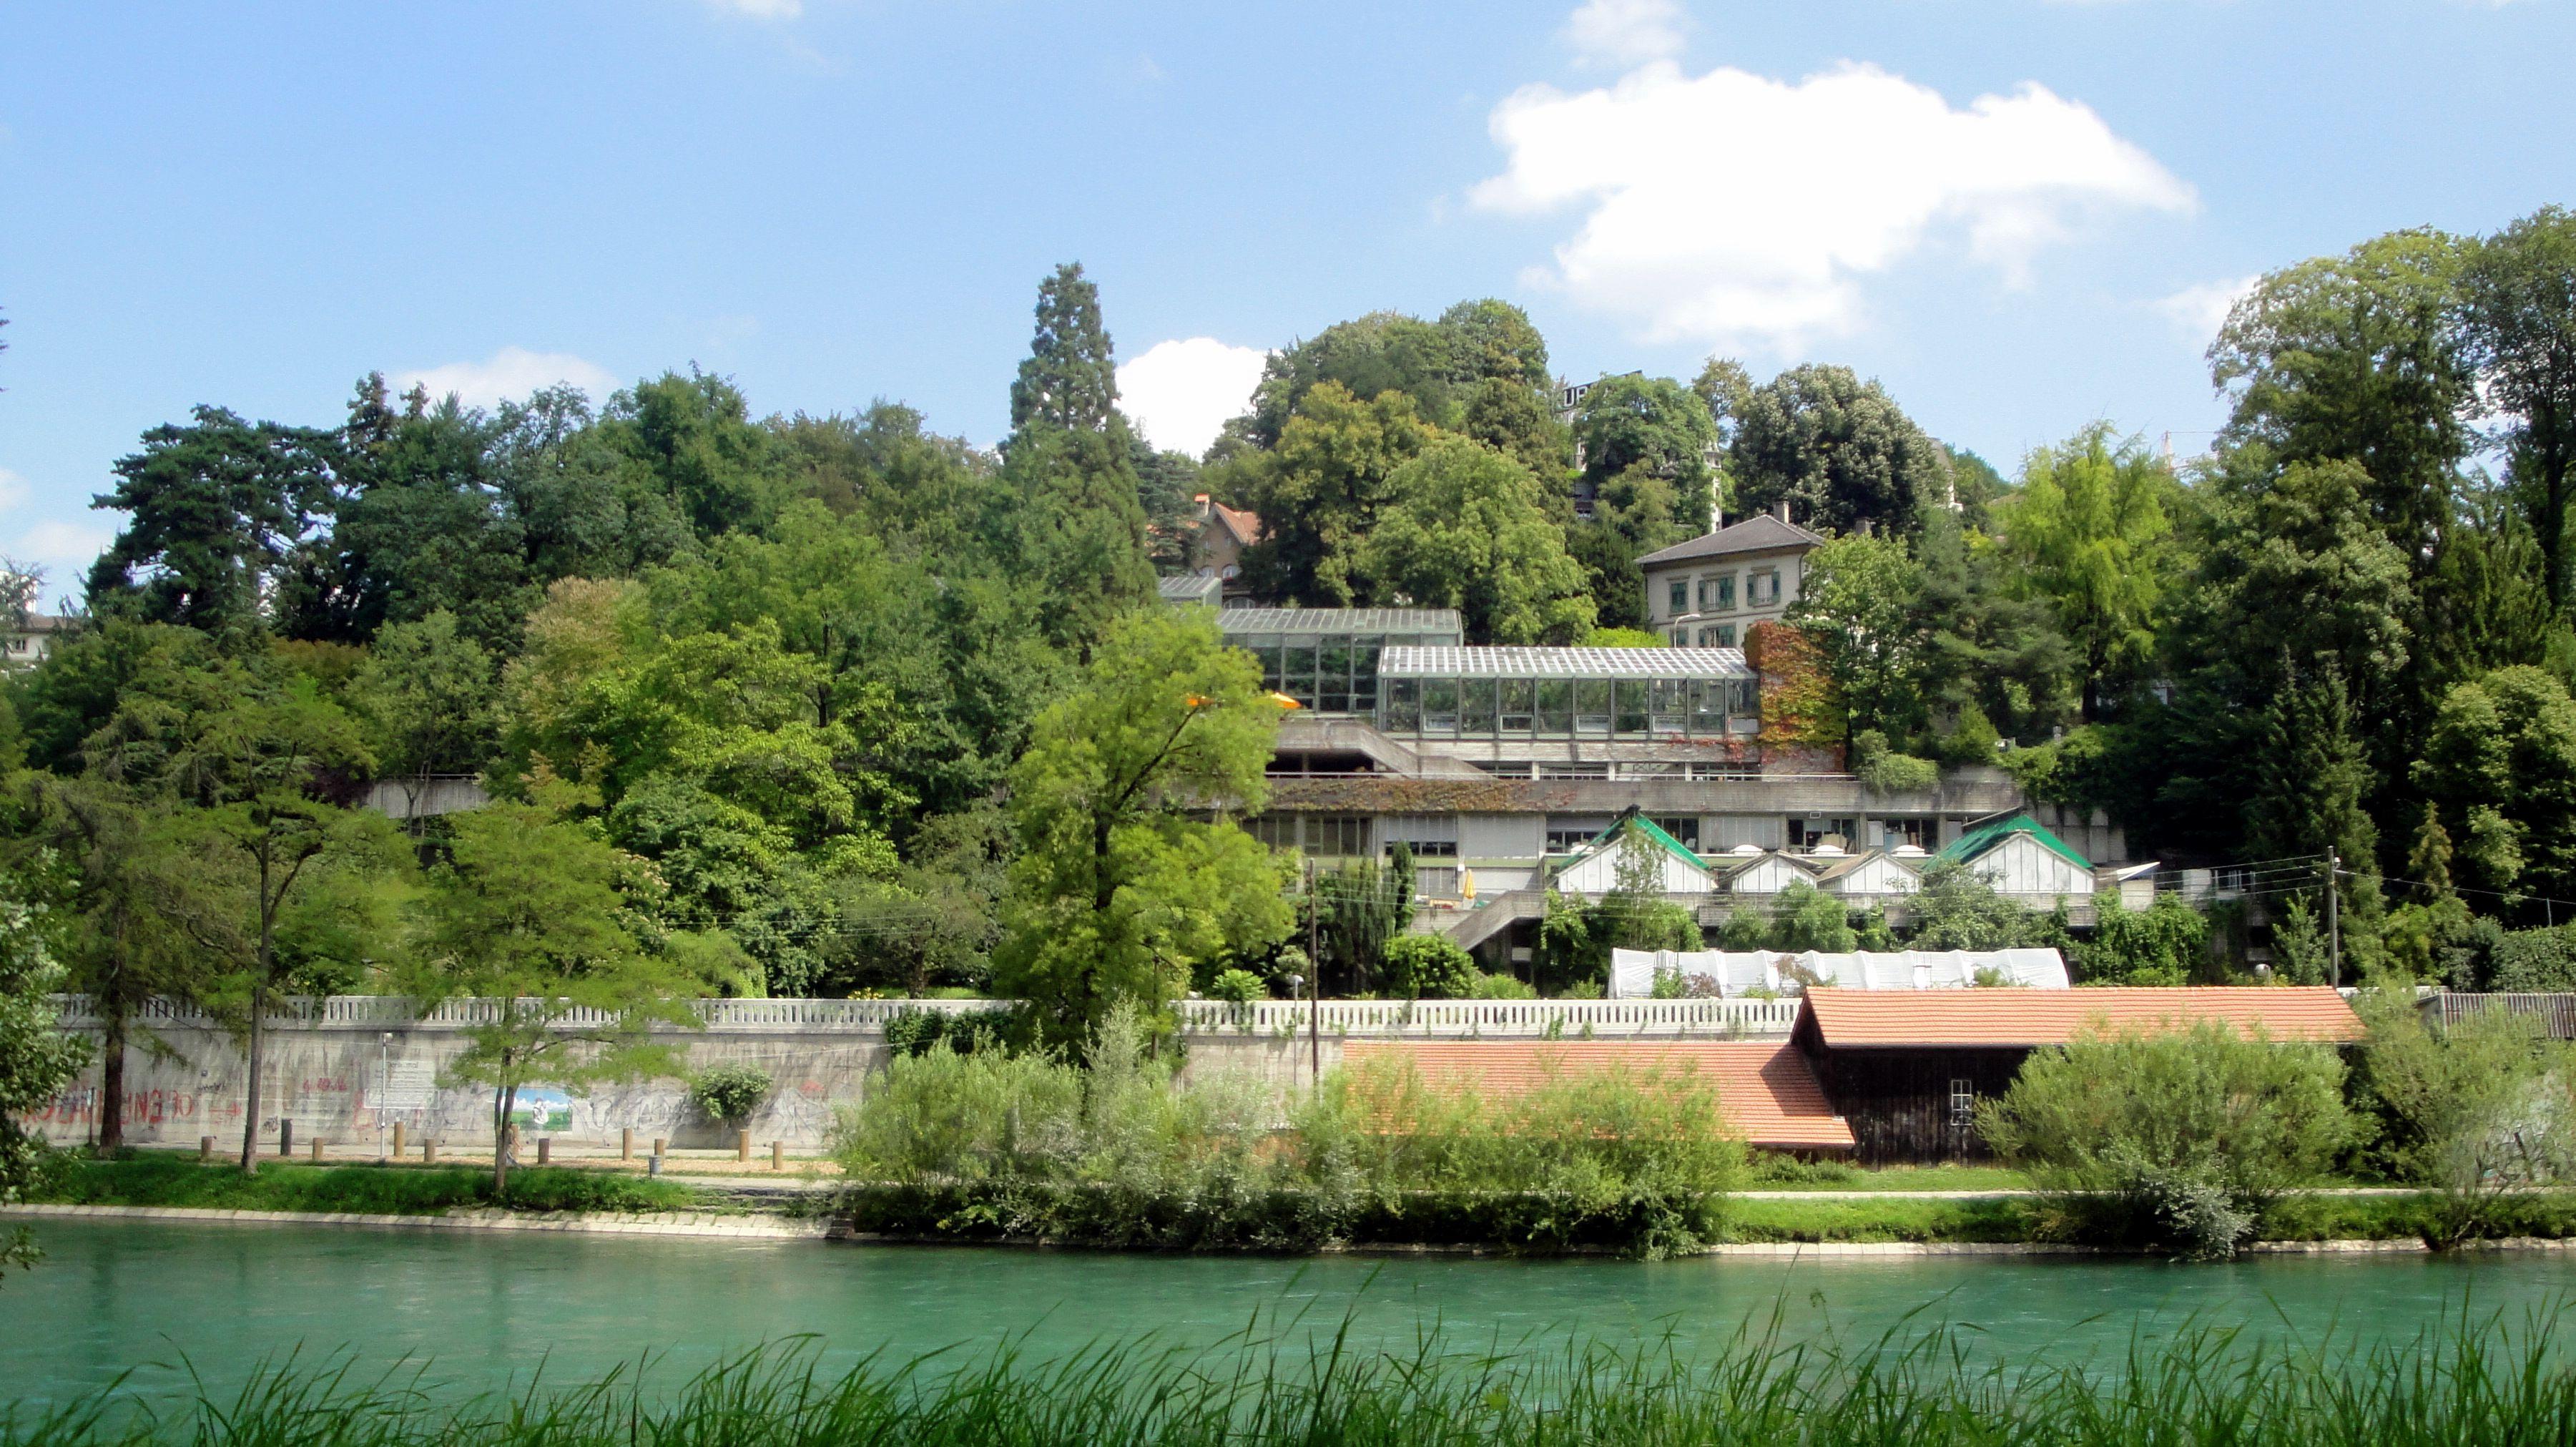 Top 20 Things To Do In Bern Botanic Garden Stuff To Do Things To Do Botanical Gardens